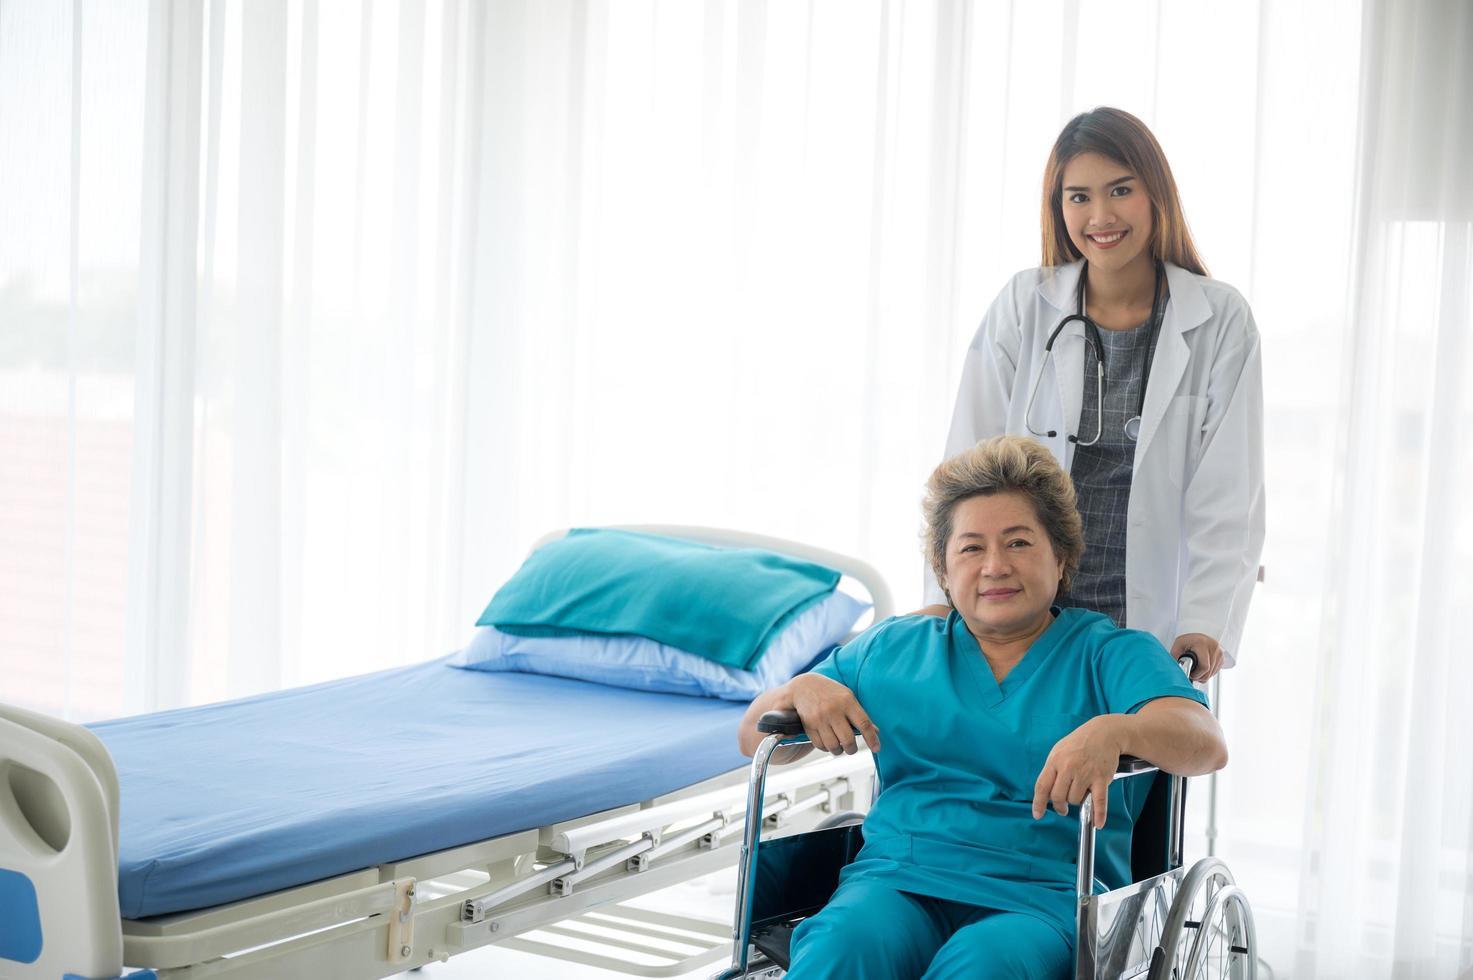 o médico está verificando a saúde de pacientes idosos no hospital. foto